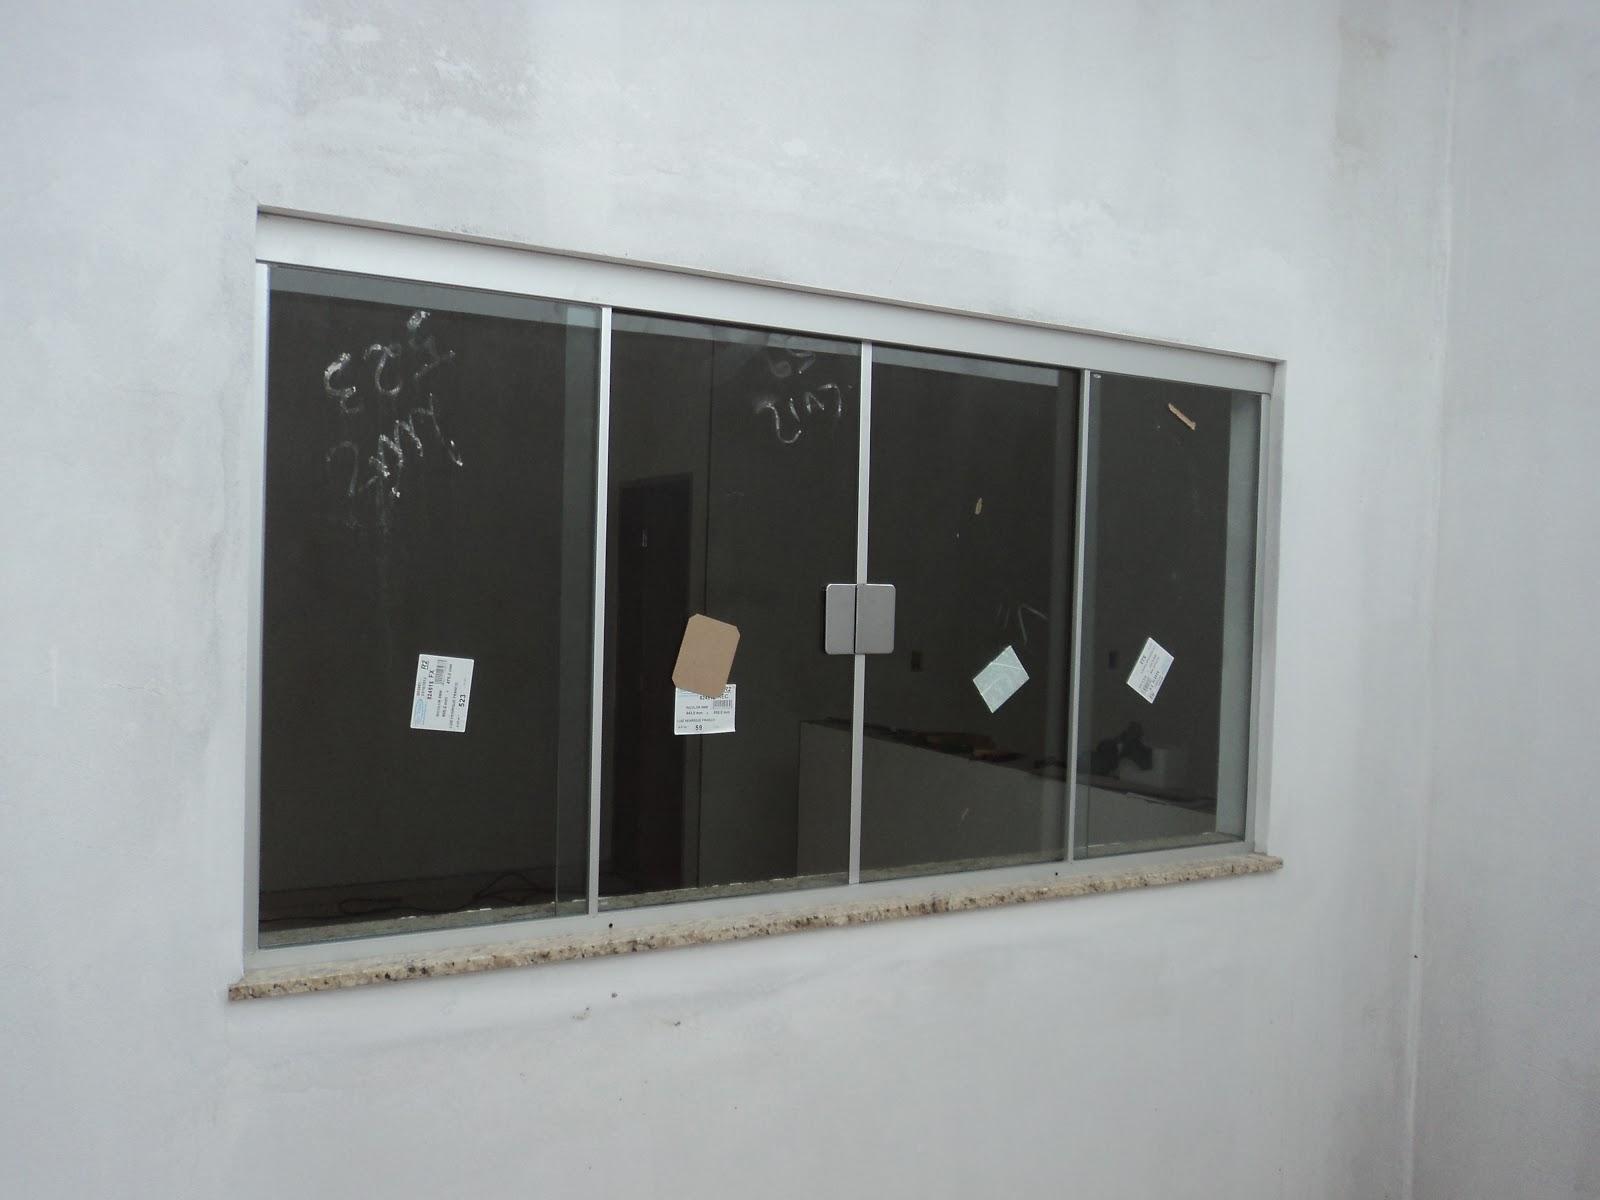 #5F696C FRANCO VIDROS TEMPERADOS: Obra em Campos Novos Paulista 220 Janelas De Vidro Para Cozinha